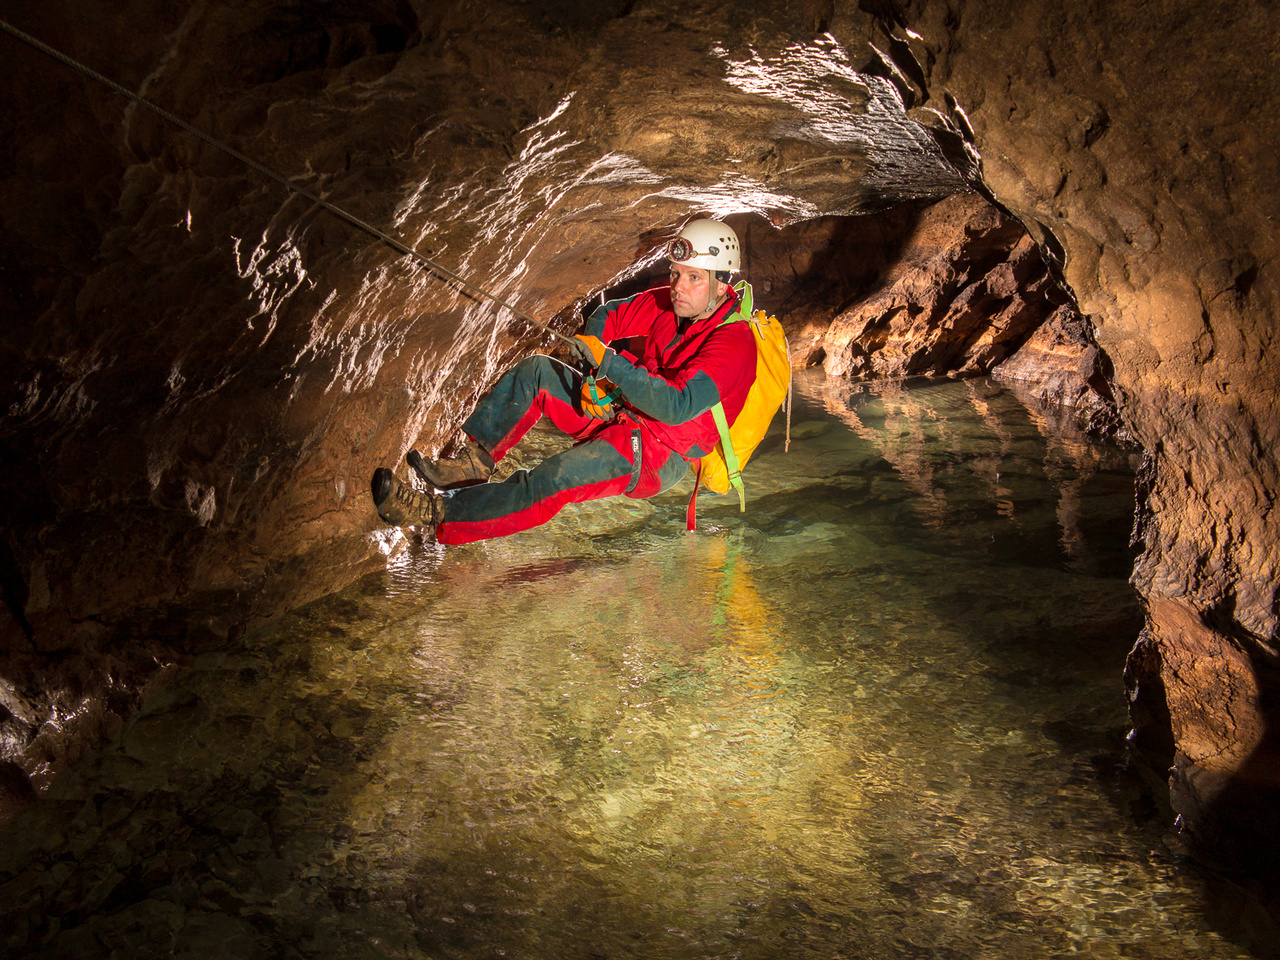 A kötélhidak segítségével közlekednek a barlangkutatók az alpesi Eolo barlangban, hogy a jeges patakok felett szárazon átjutva folytathassák útjukat a hegy gyomrában.